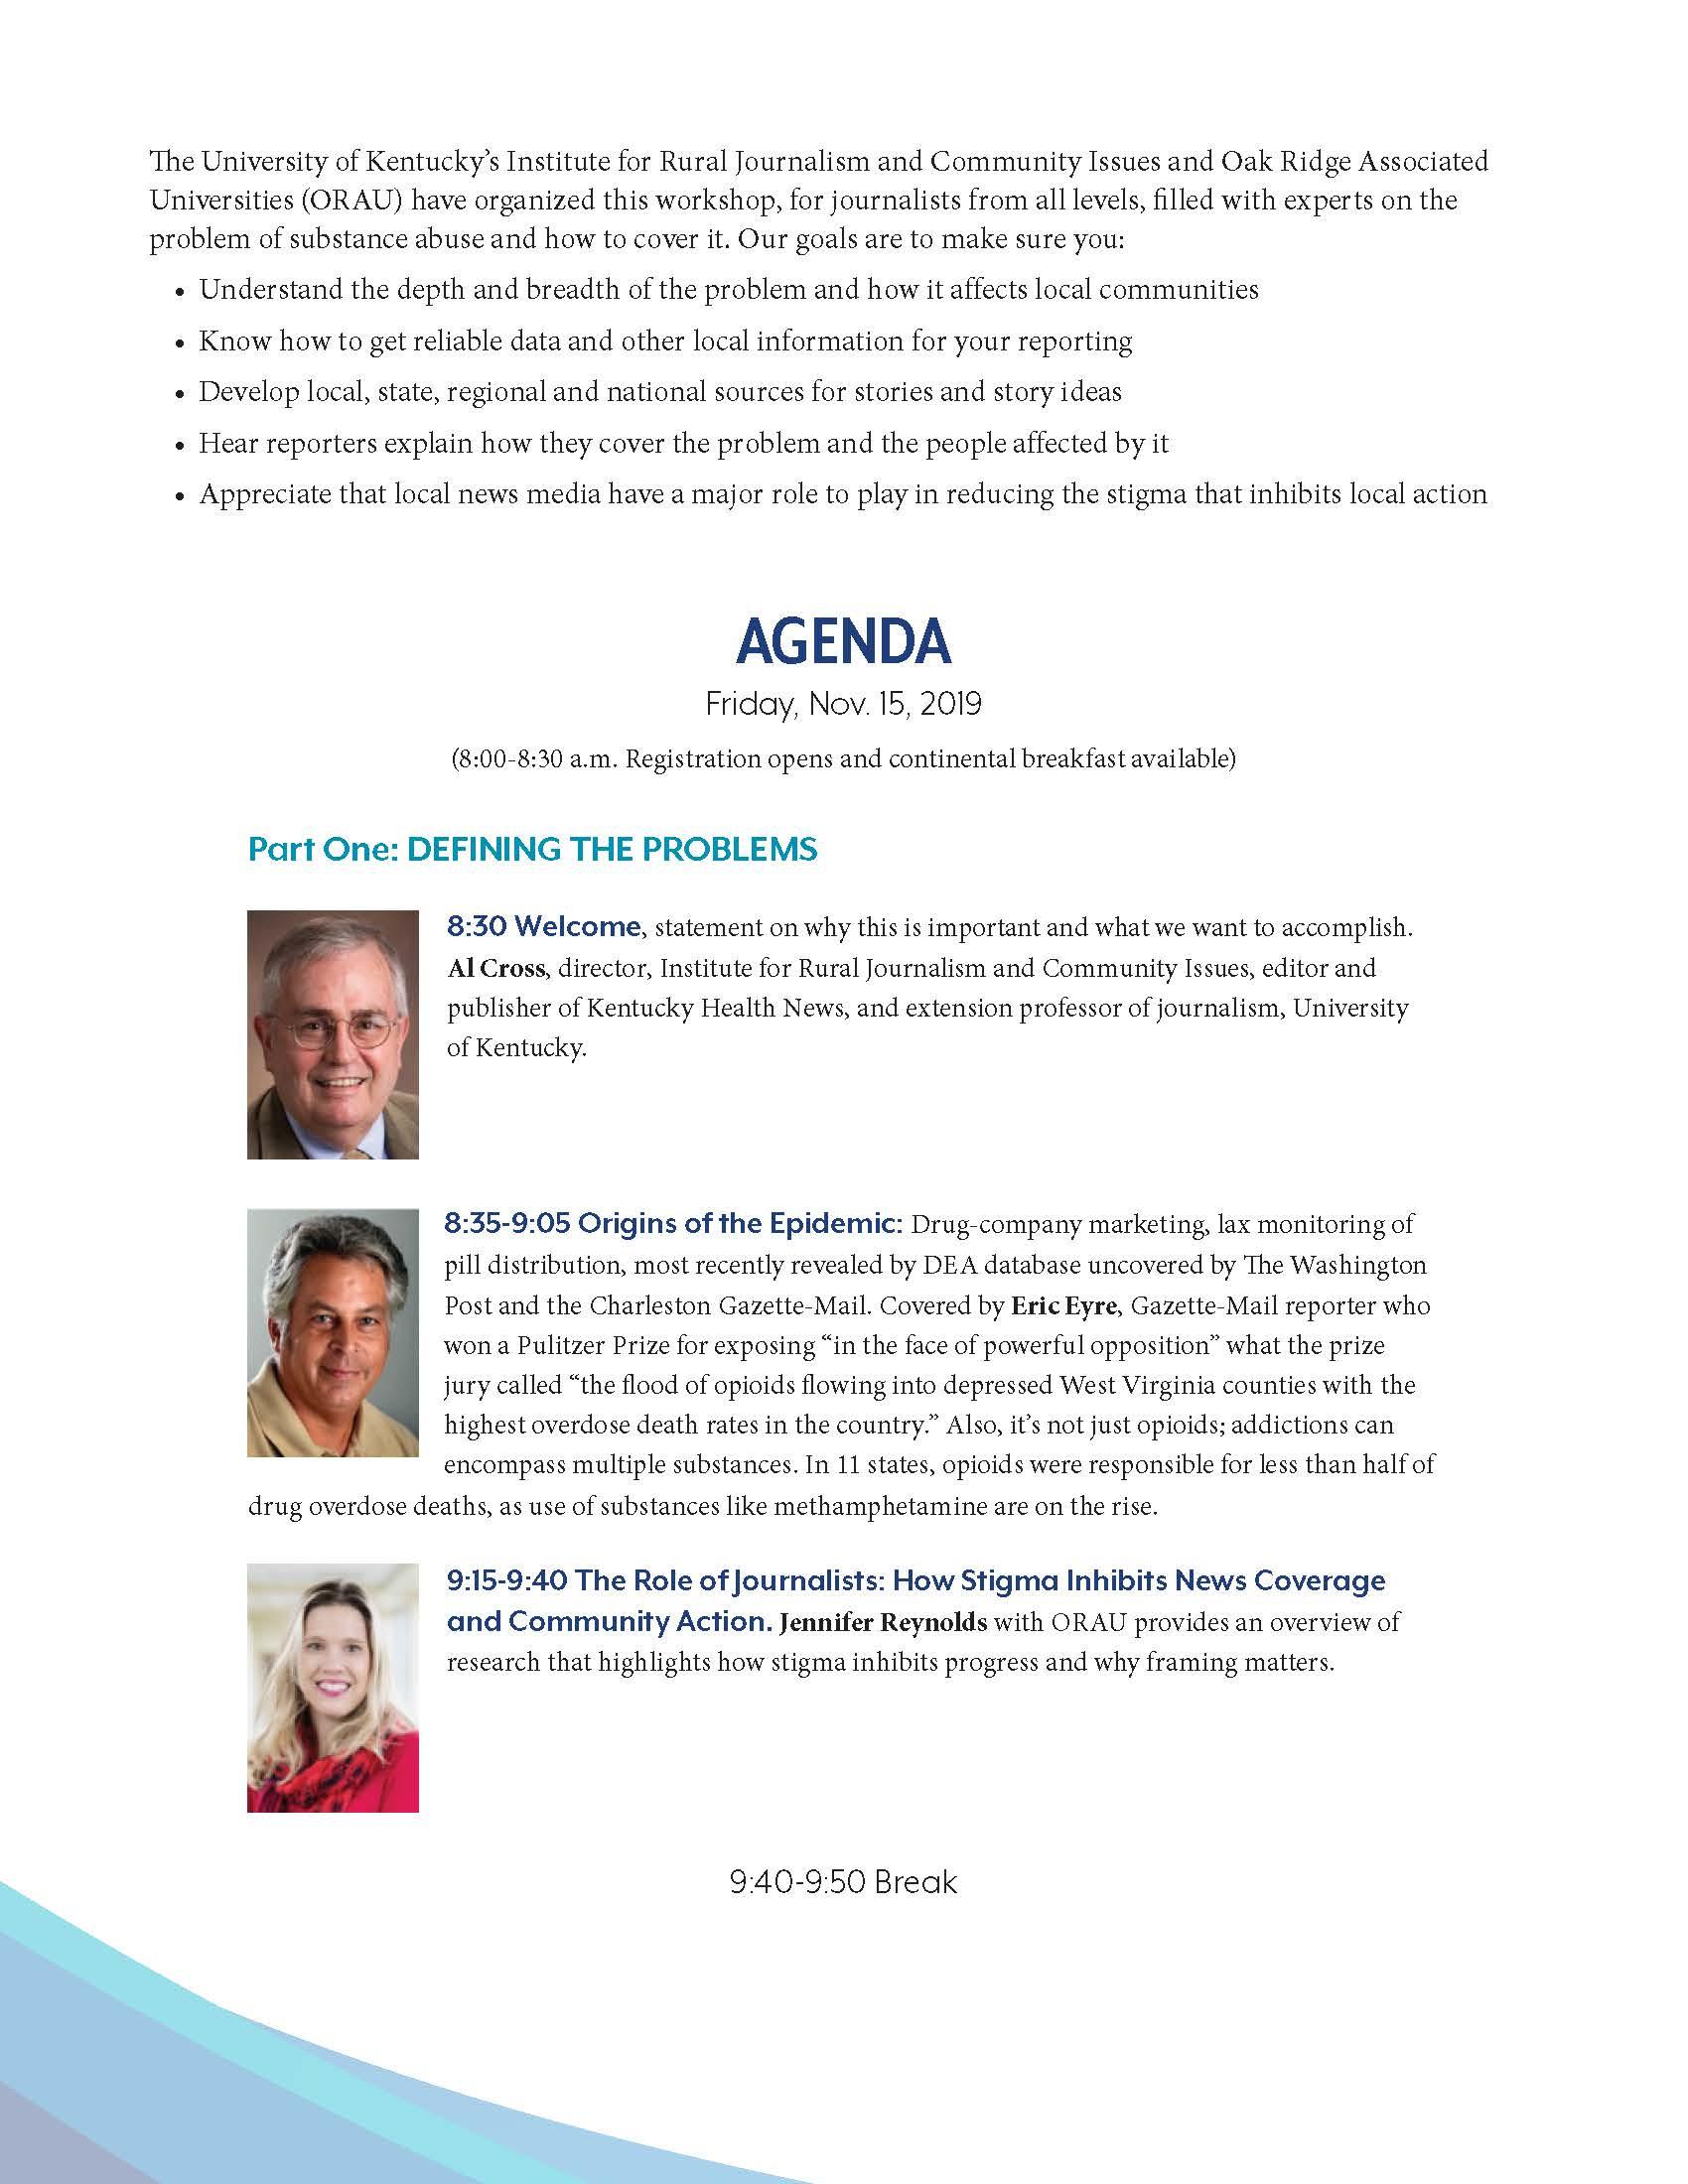 1 Substance Abuse Workshop Agenda_FINAL_web_Page_1 (4)